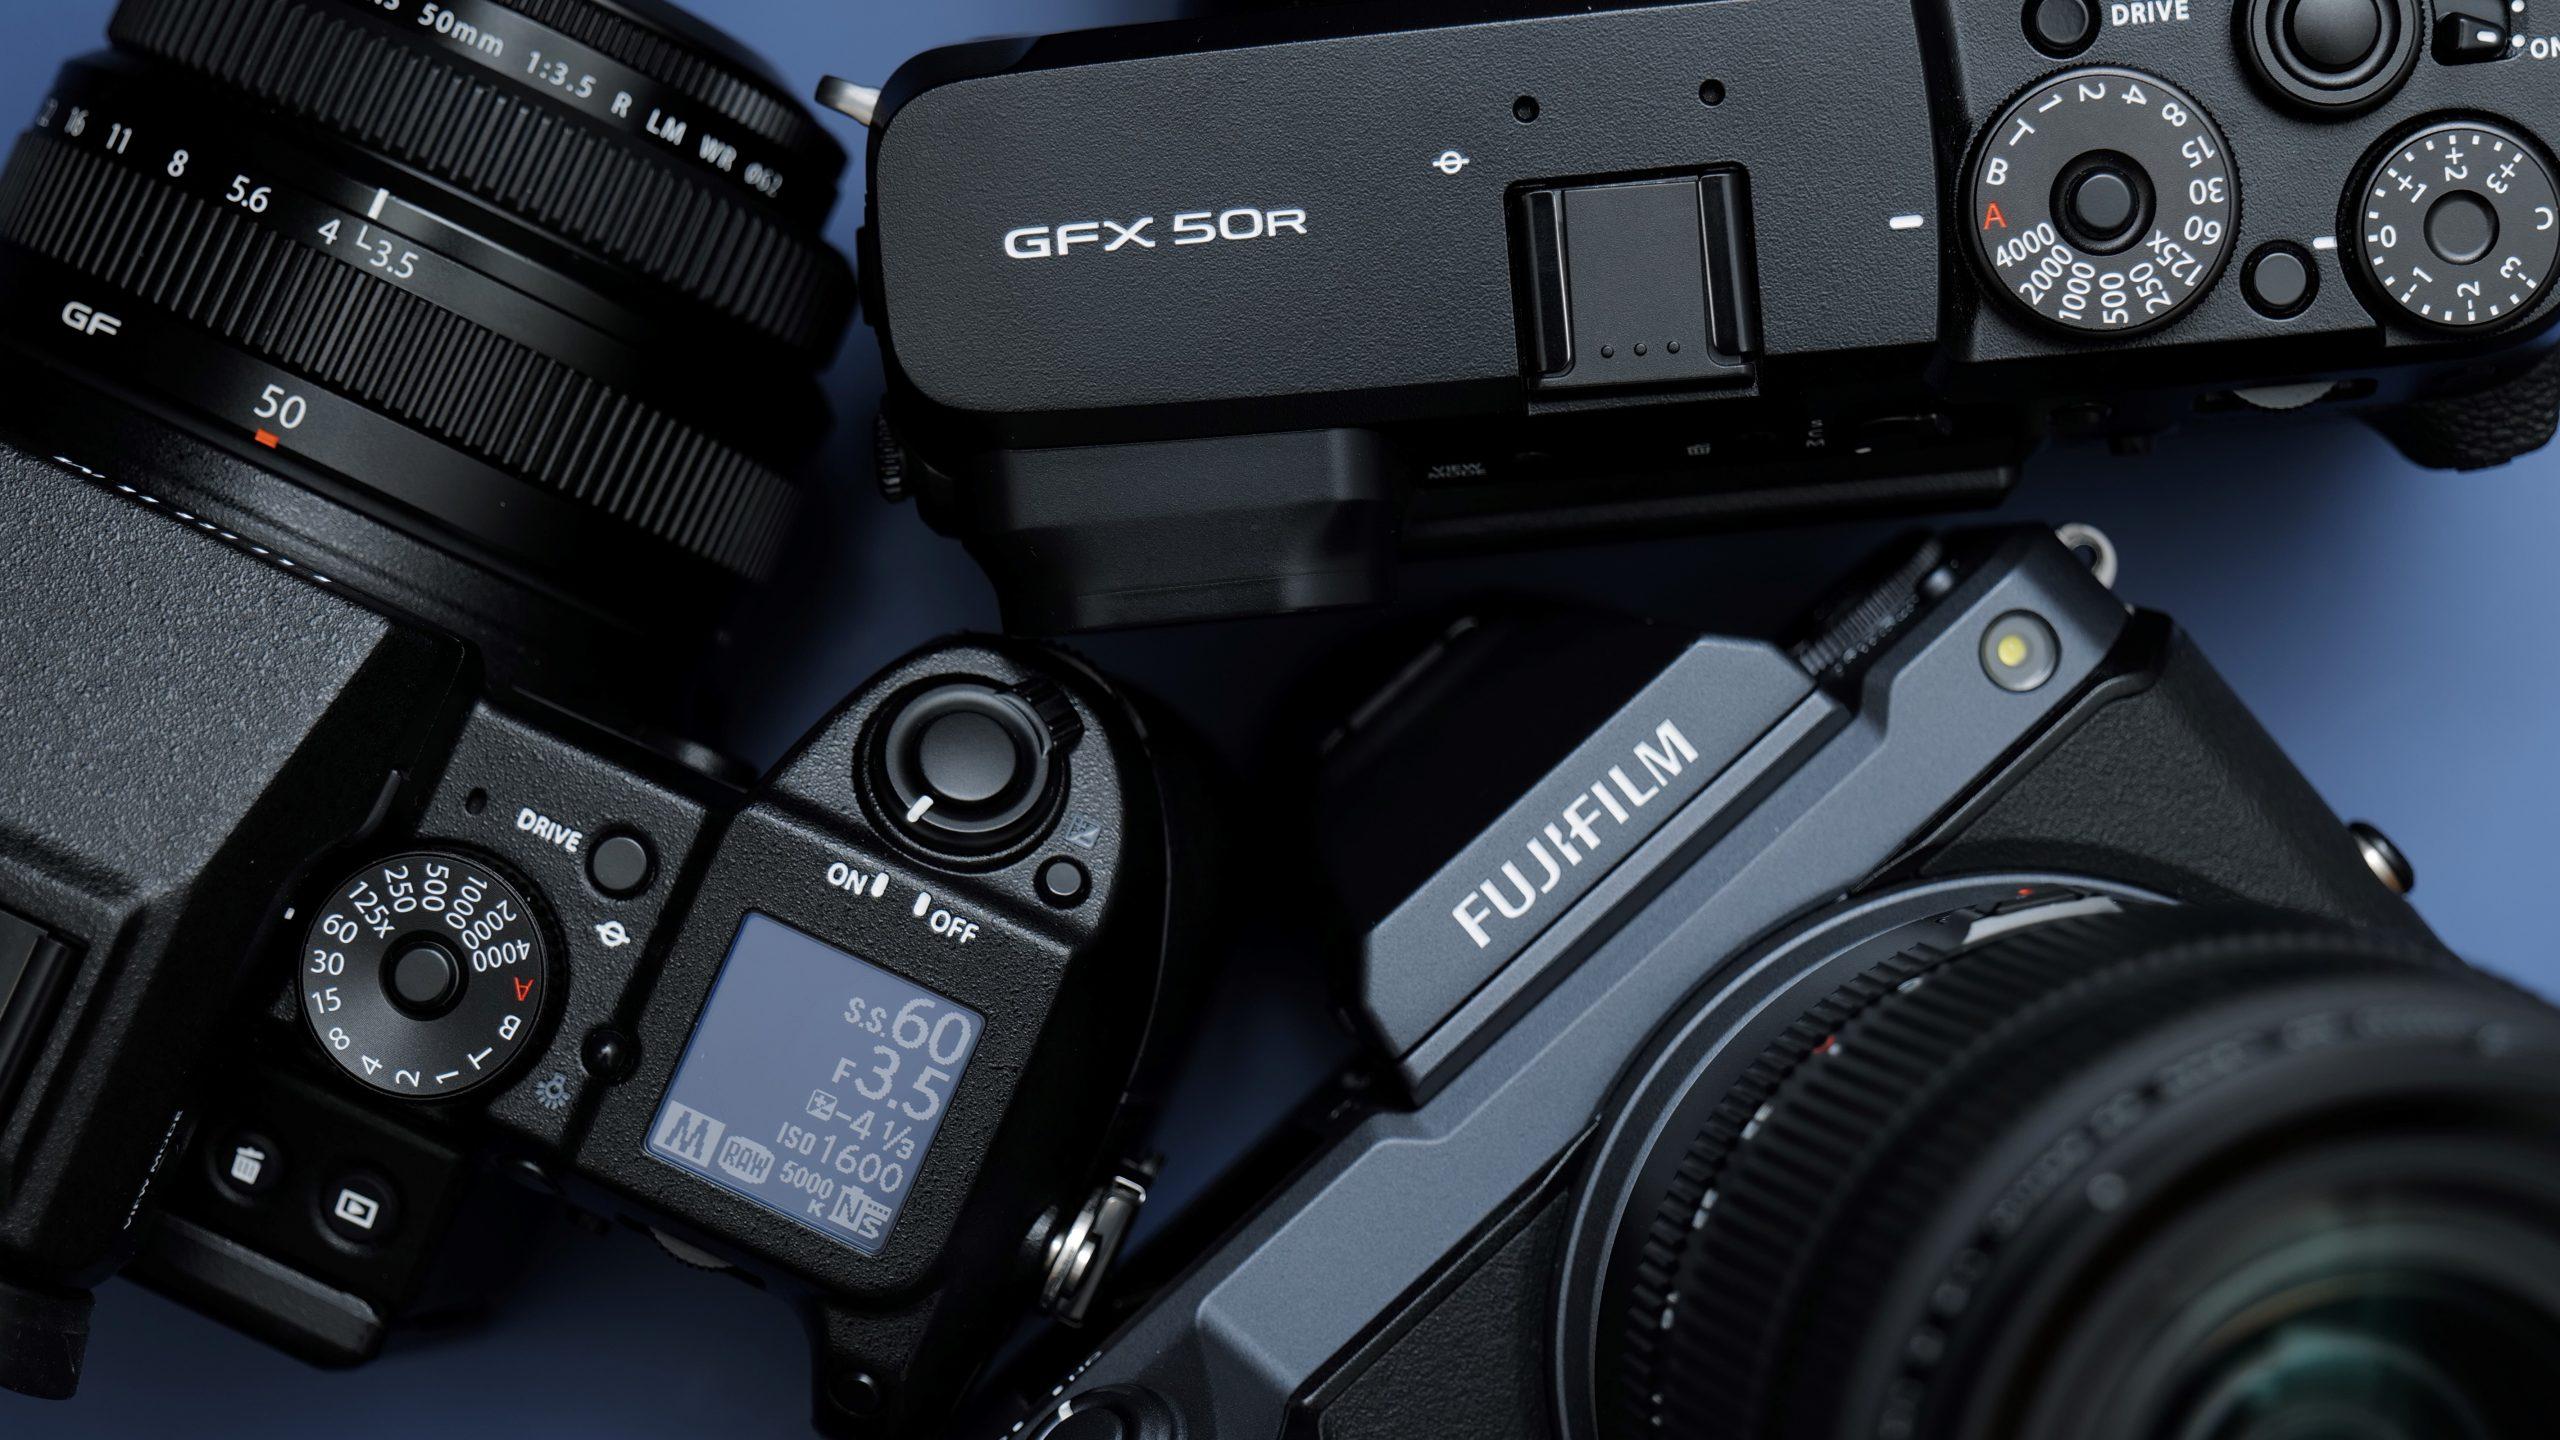 【FUJIFILM】GFX100S発売!GFXシリーズのここが凄い!